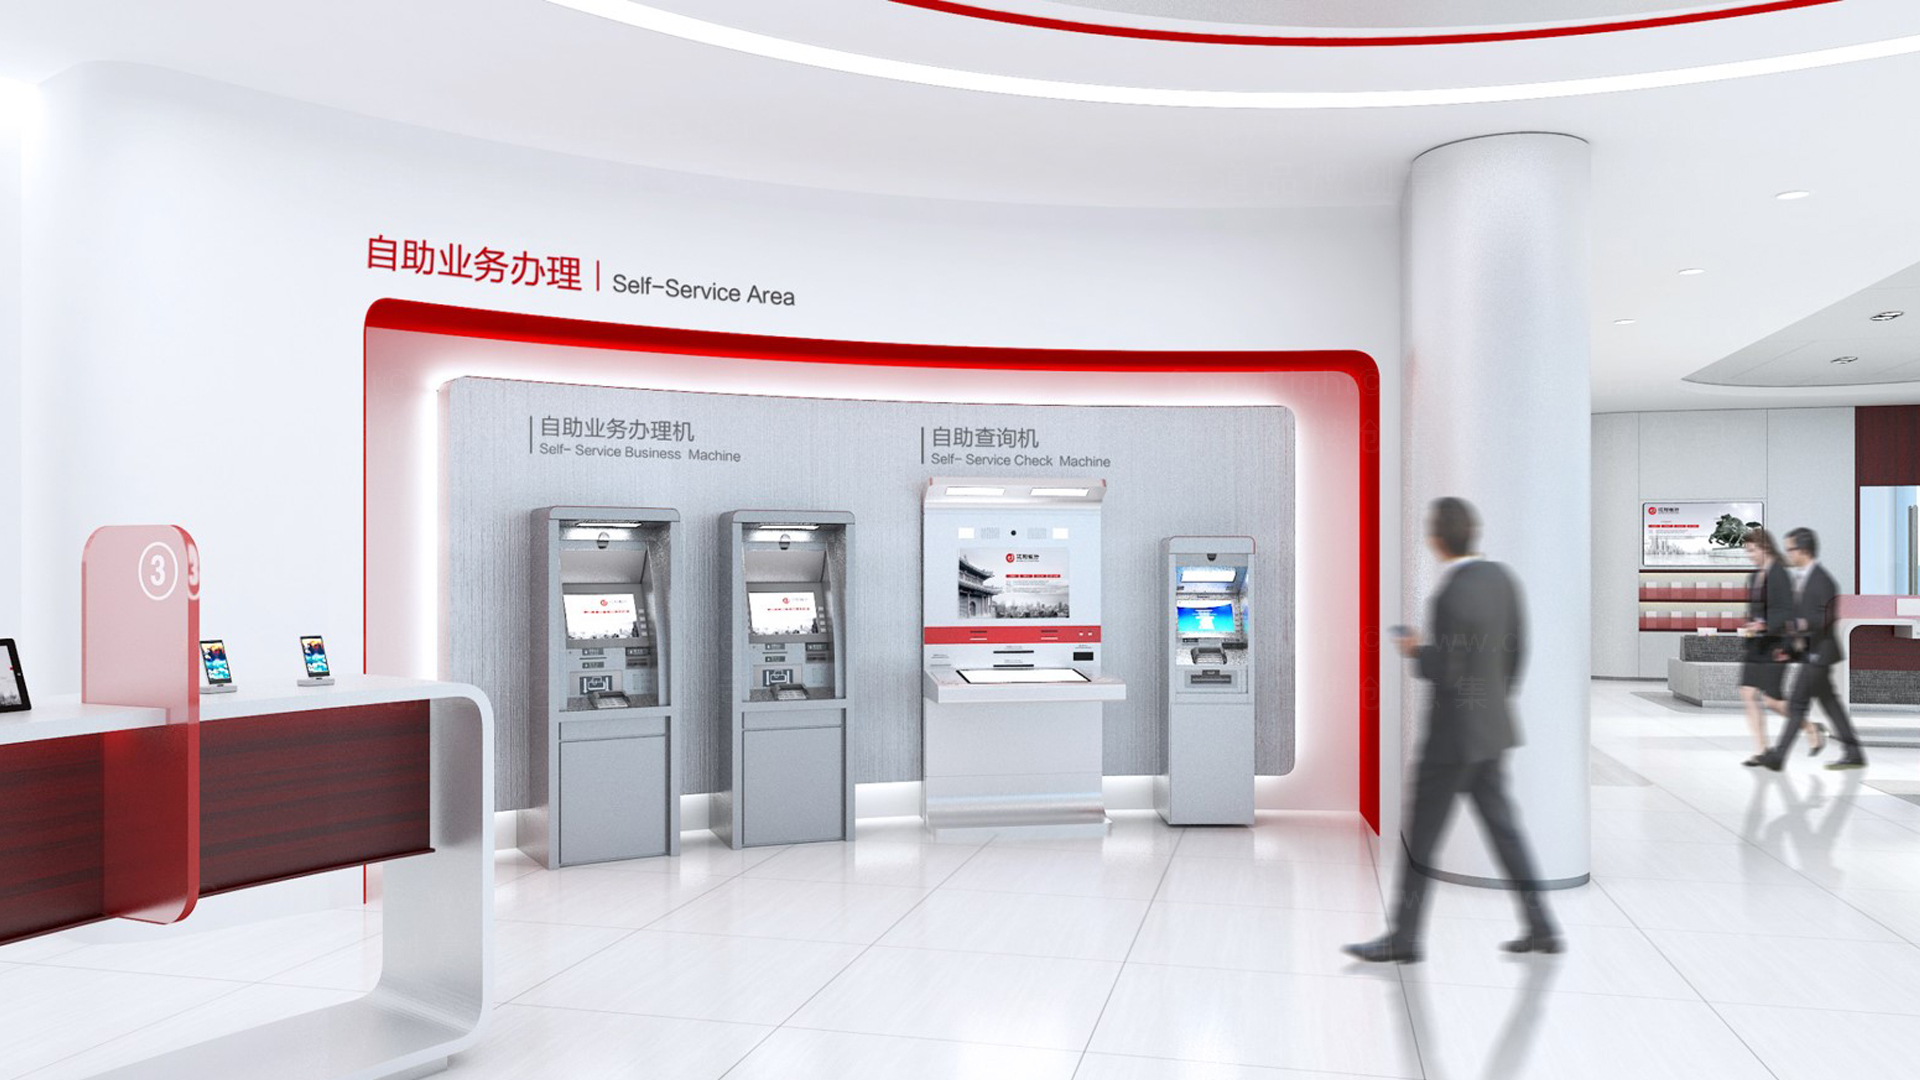 商业空间&导示辽阳银行银行网点风格设计应用场景